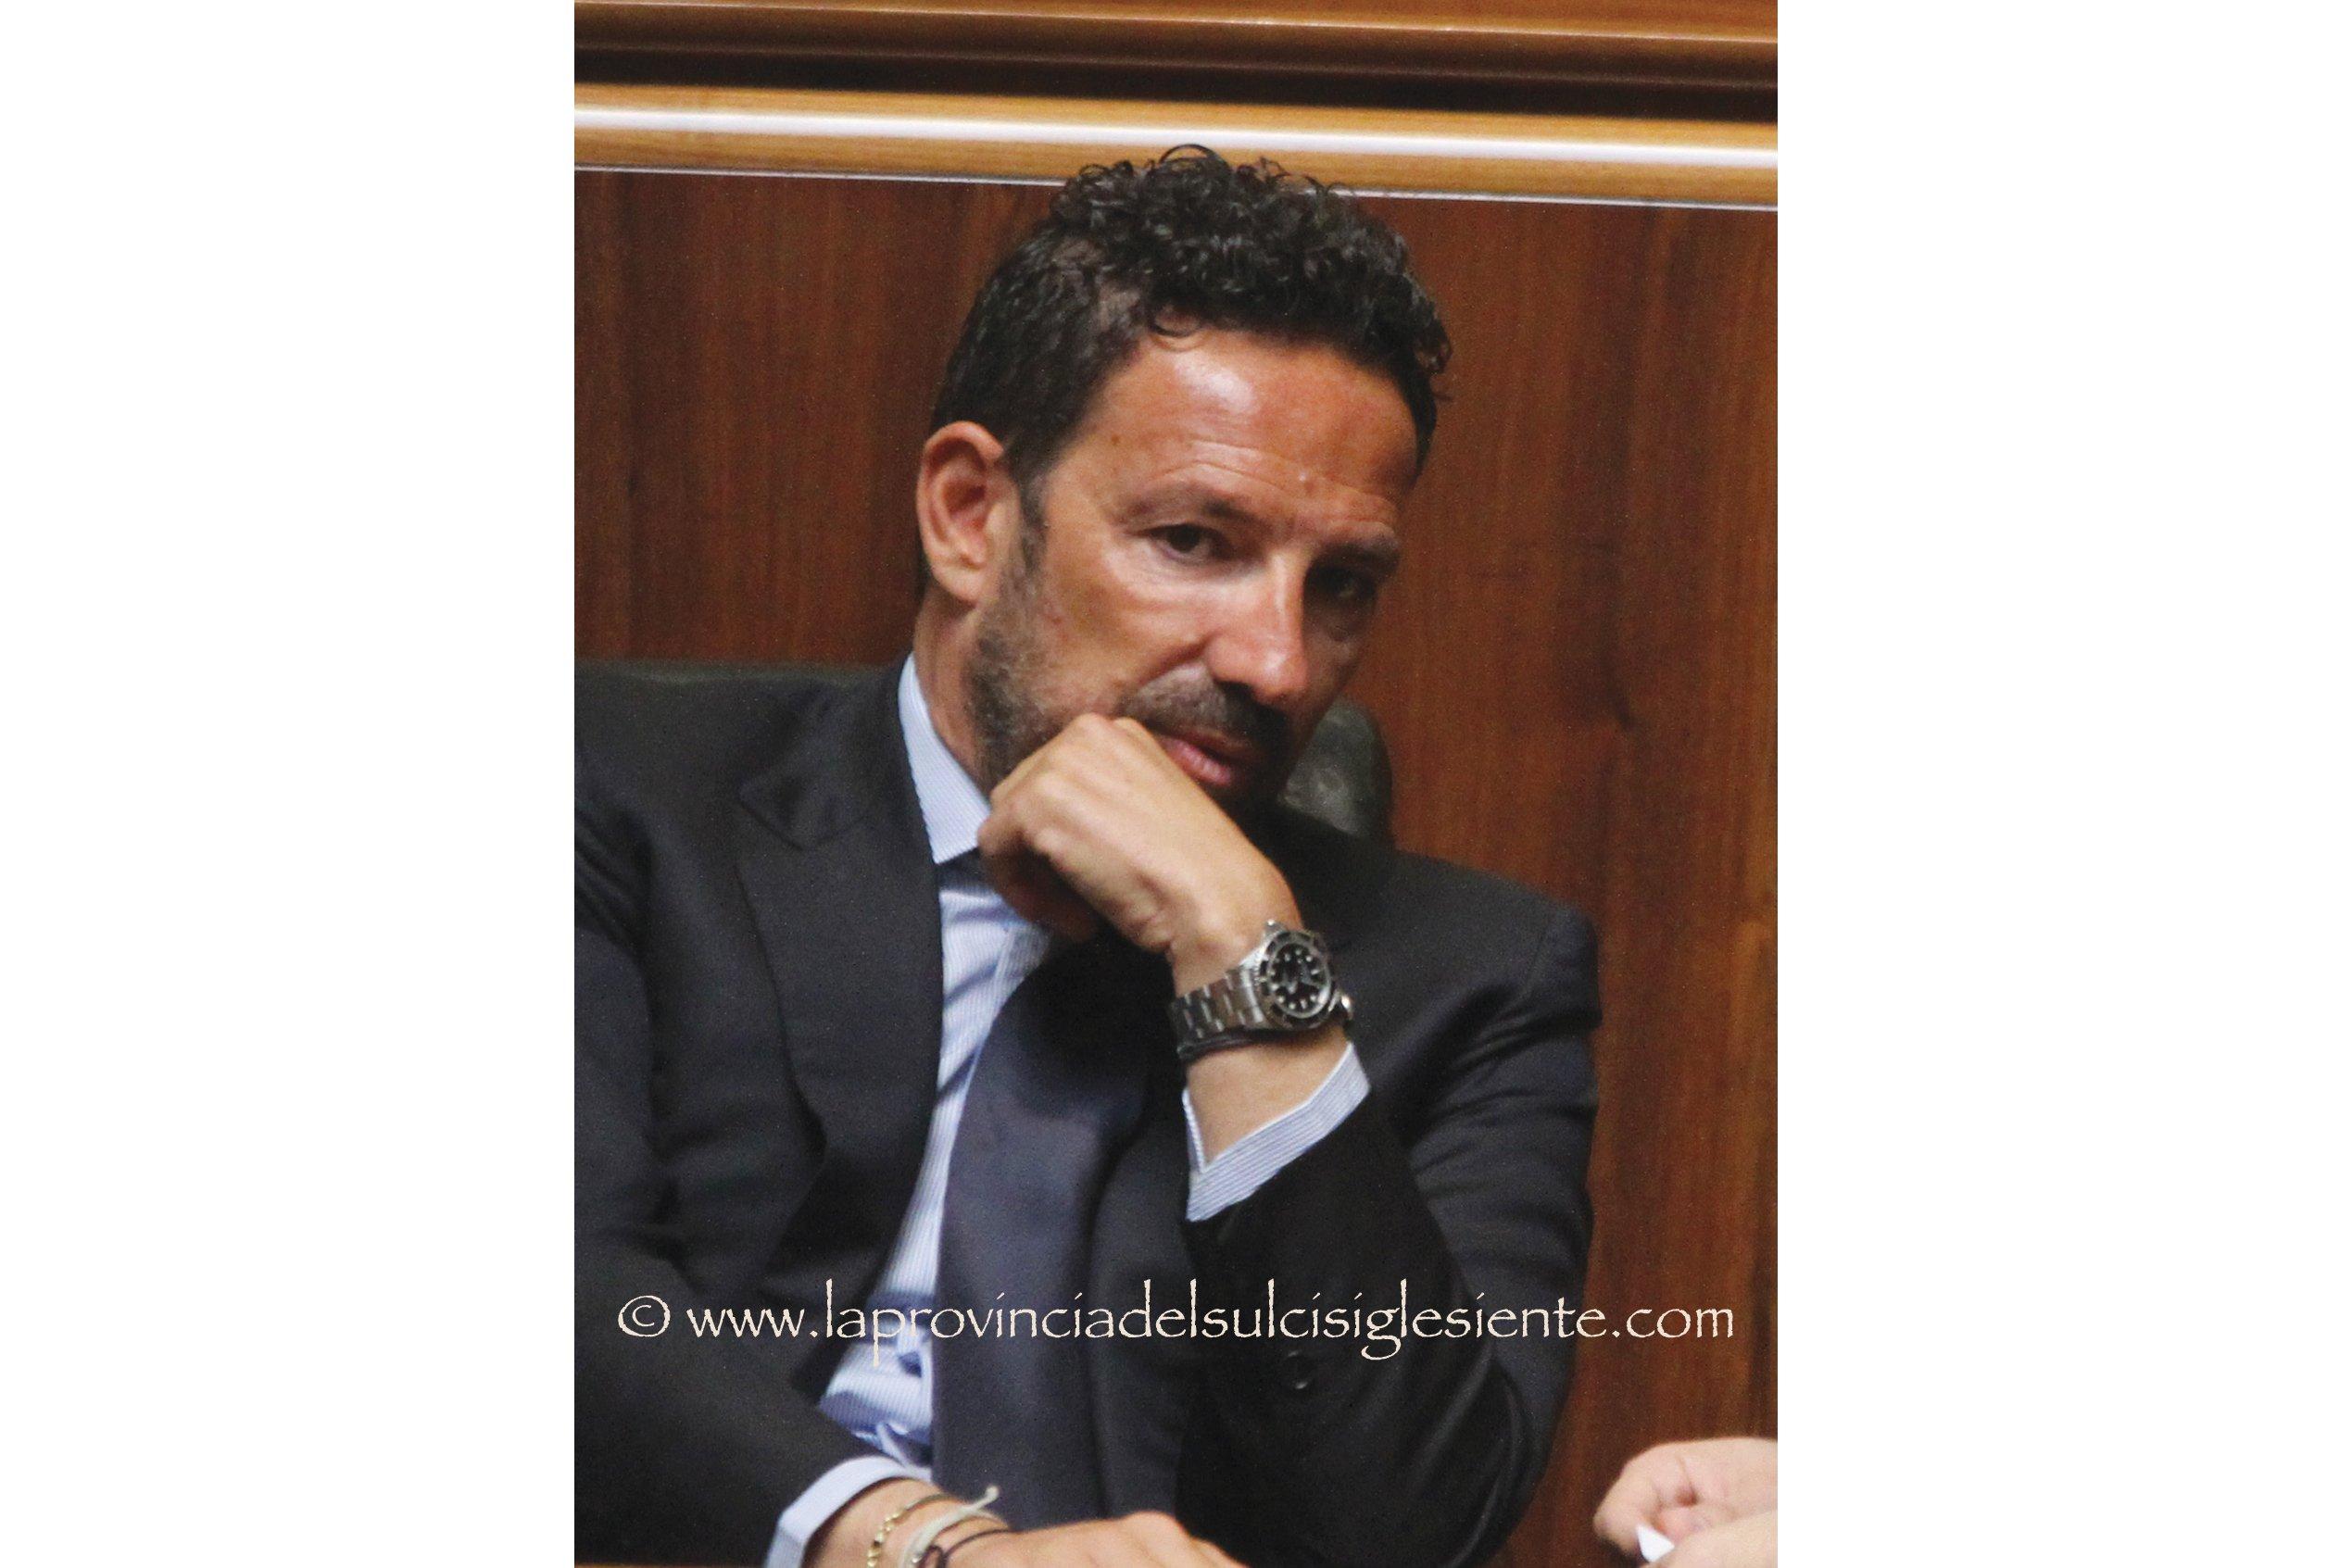 """Giuseppe Fasolino: """"Sulle entrate il Governo non si rassegna? Le sentenze parlano chiaro""""."""